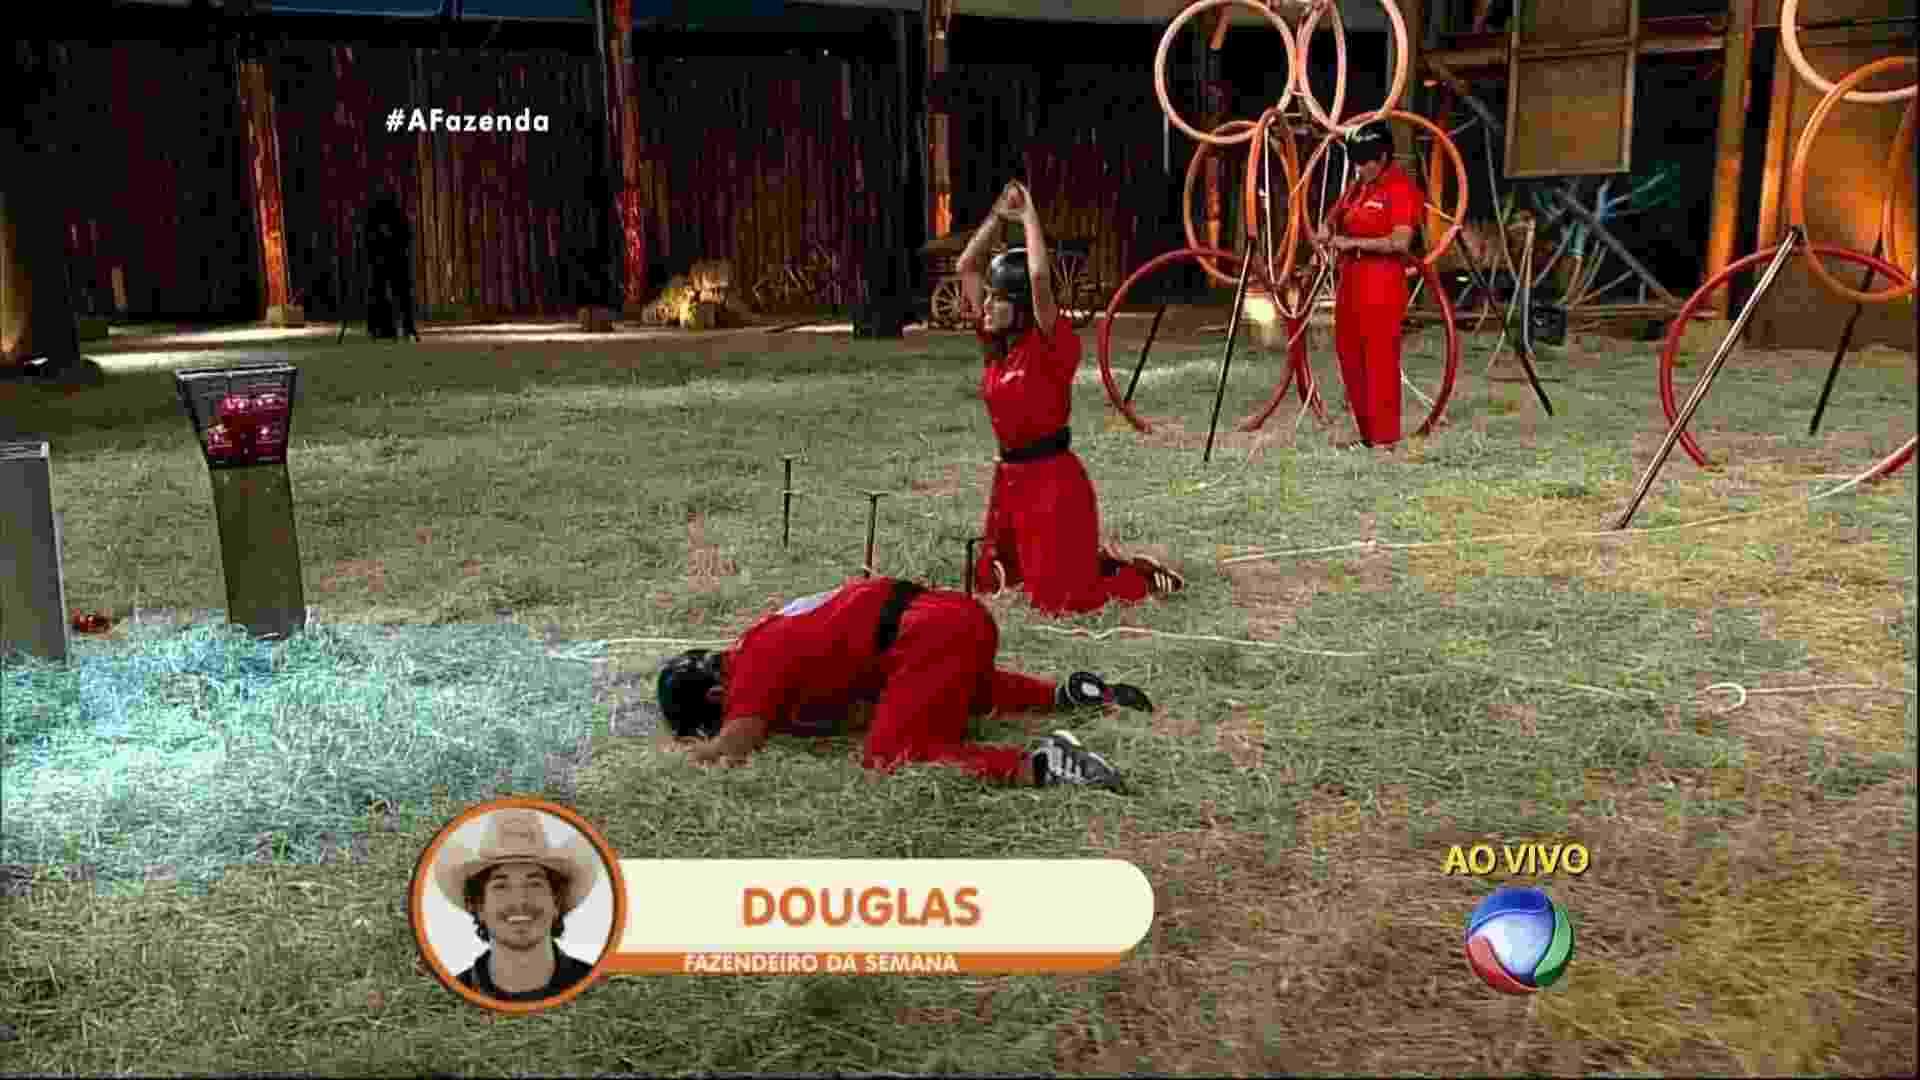 29.out.2015 - Douglas Sampaio vence prova e é o sexto fazendeiro da semana - Reprodução/Record